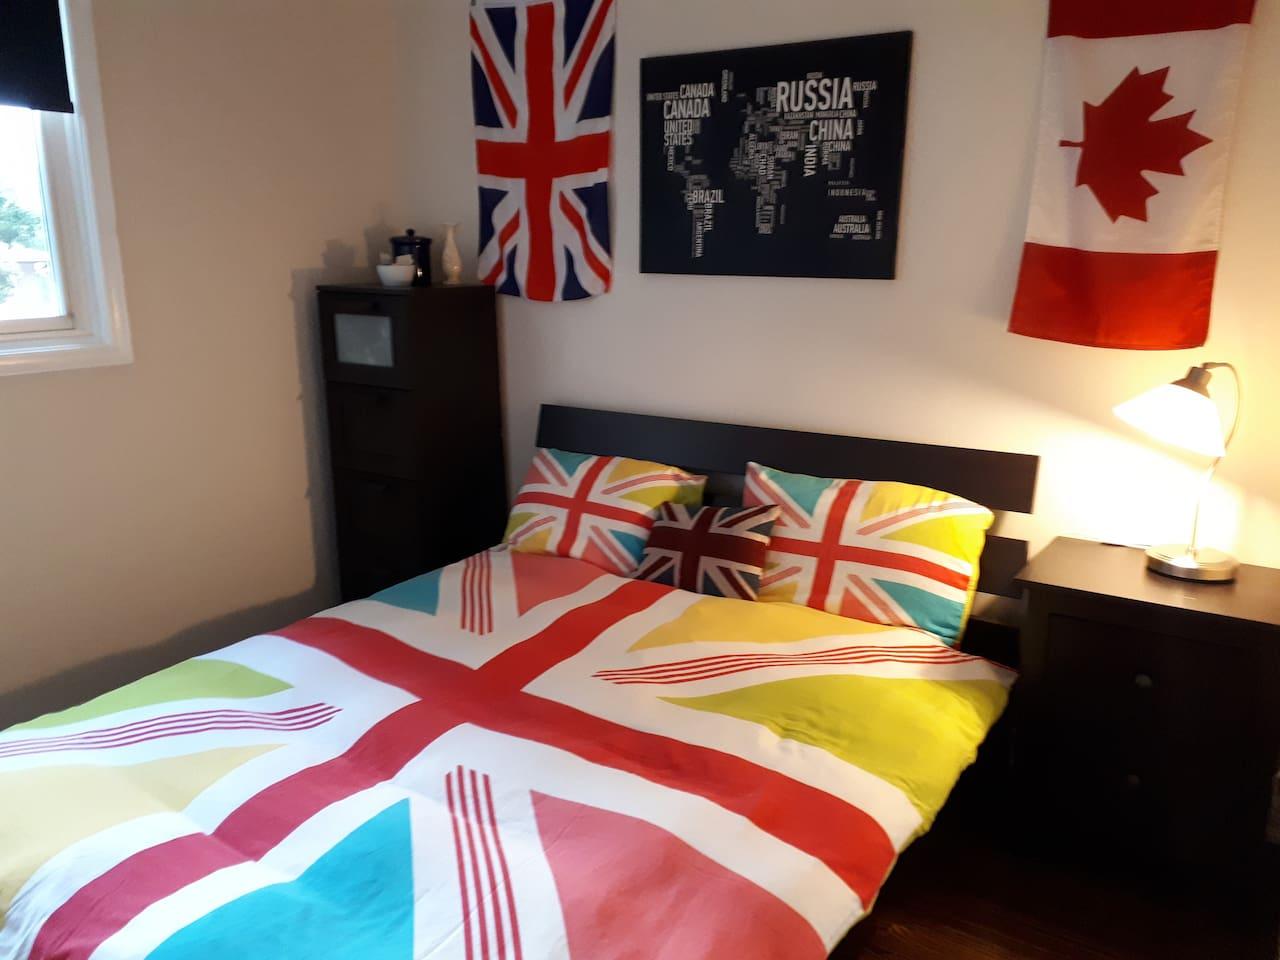 Trendy UK themed room